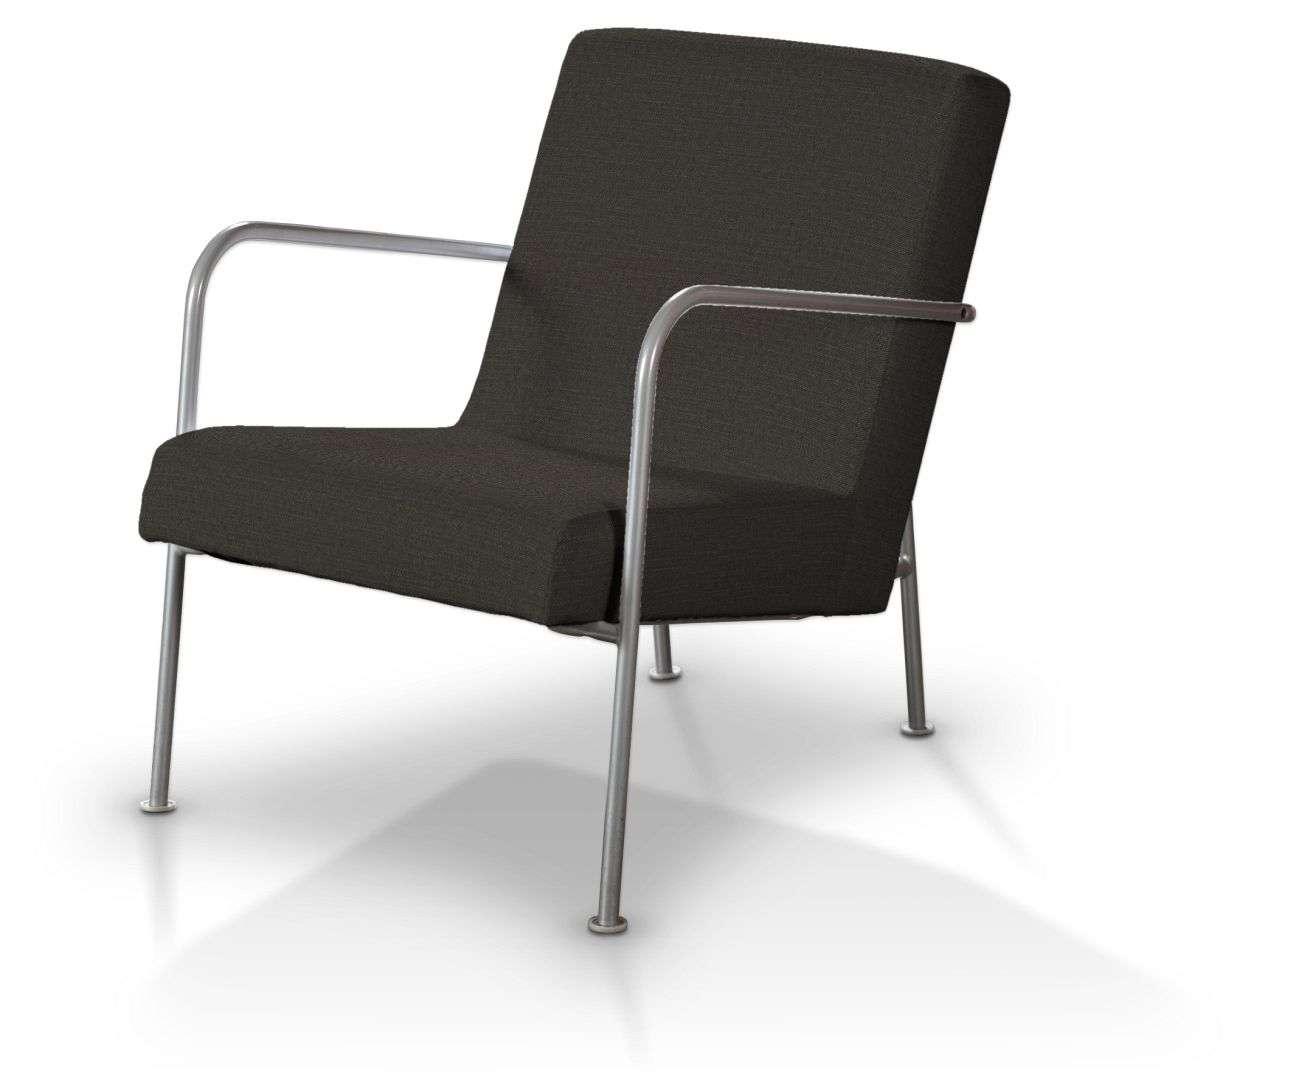 Bezug für Ikea PS Sessel von der Kollektion Etna, Stoff: 702-36